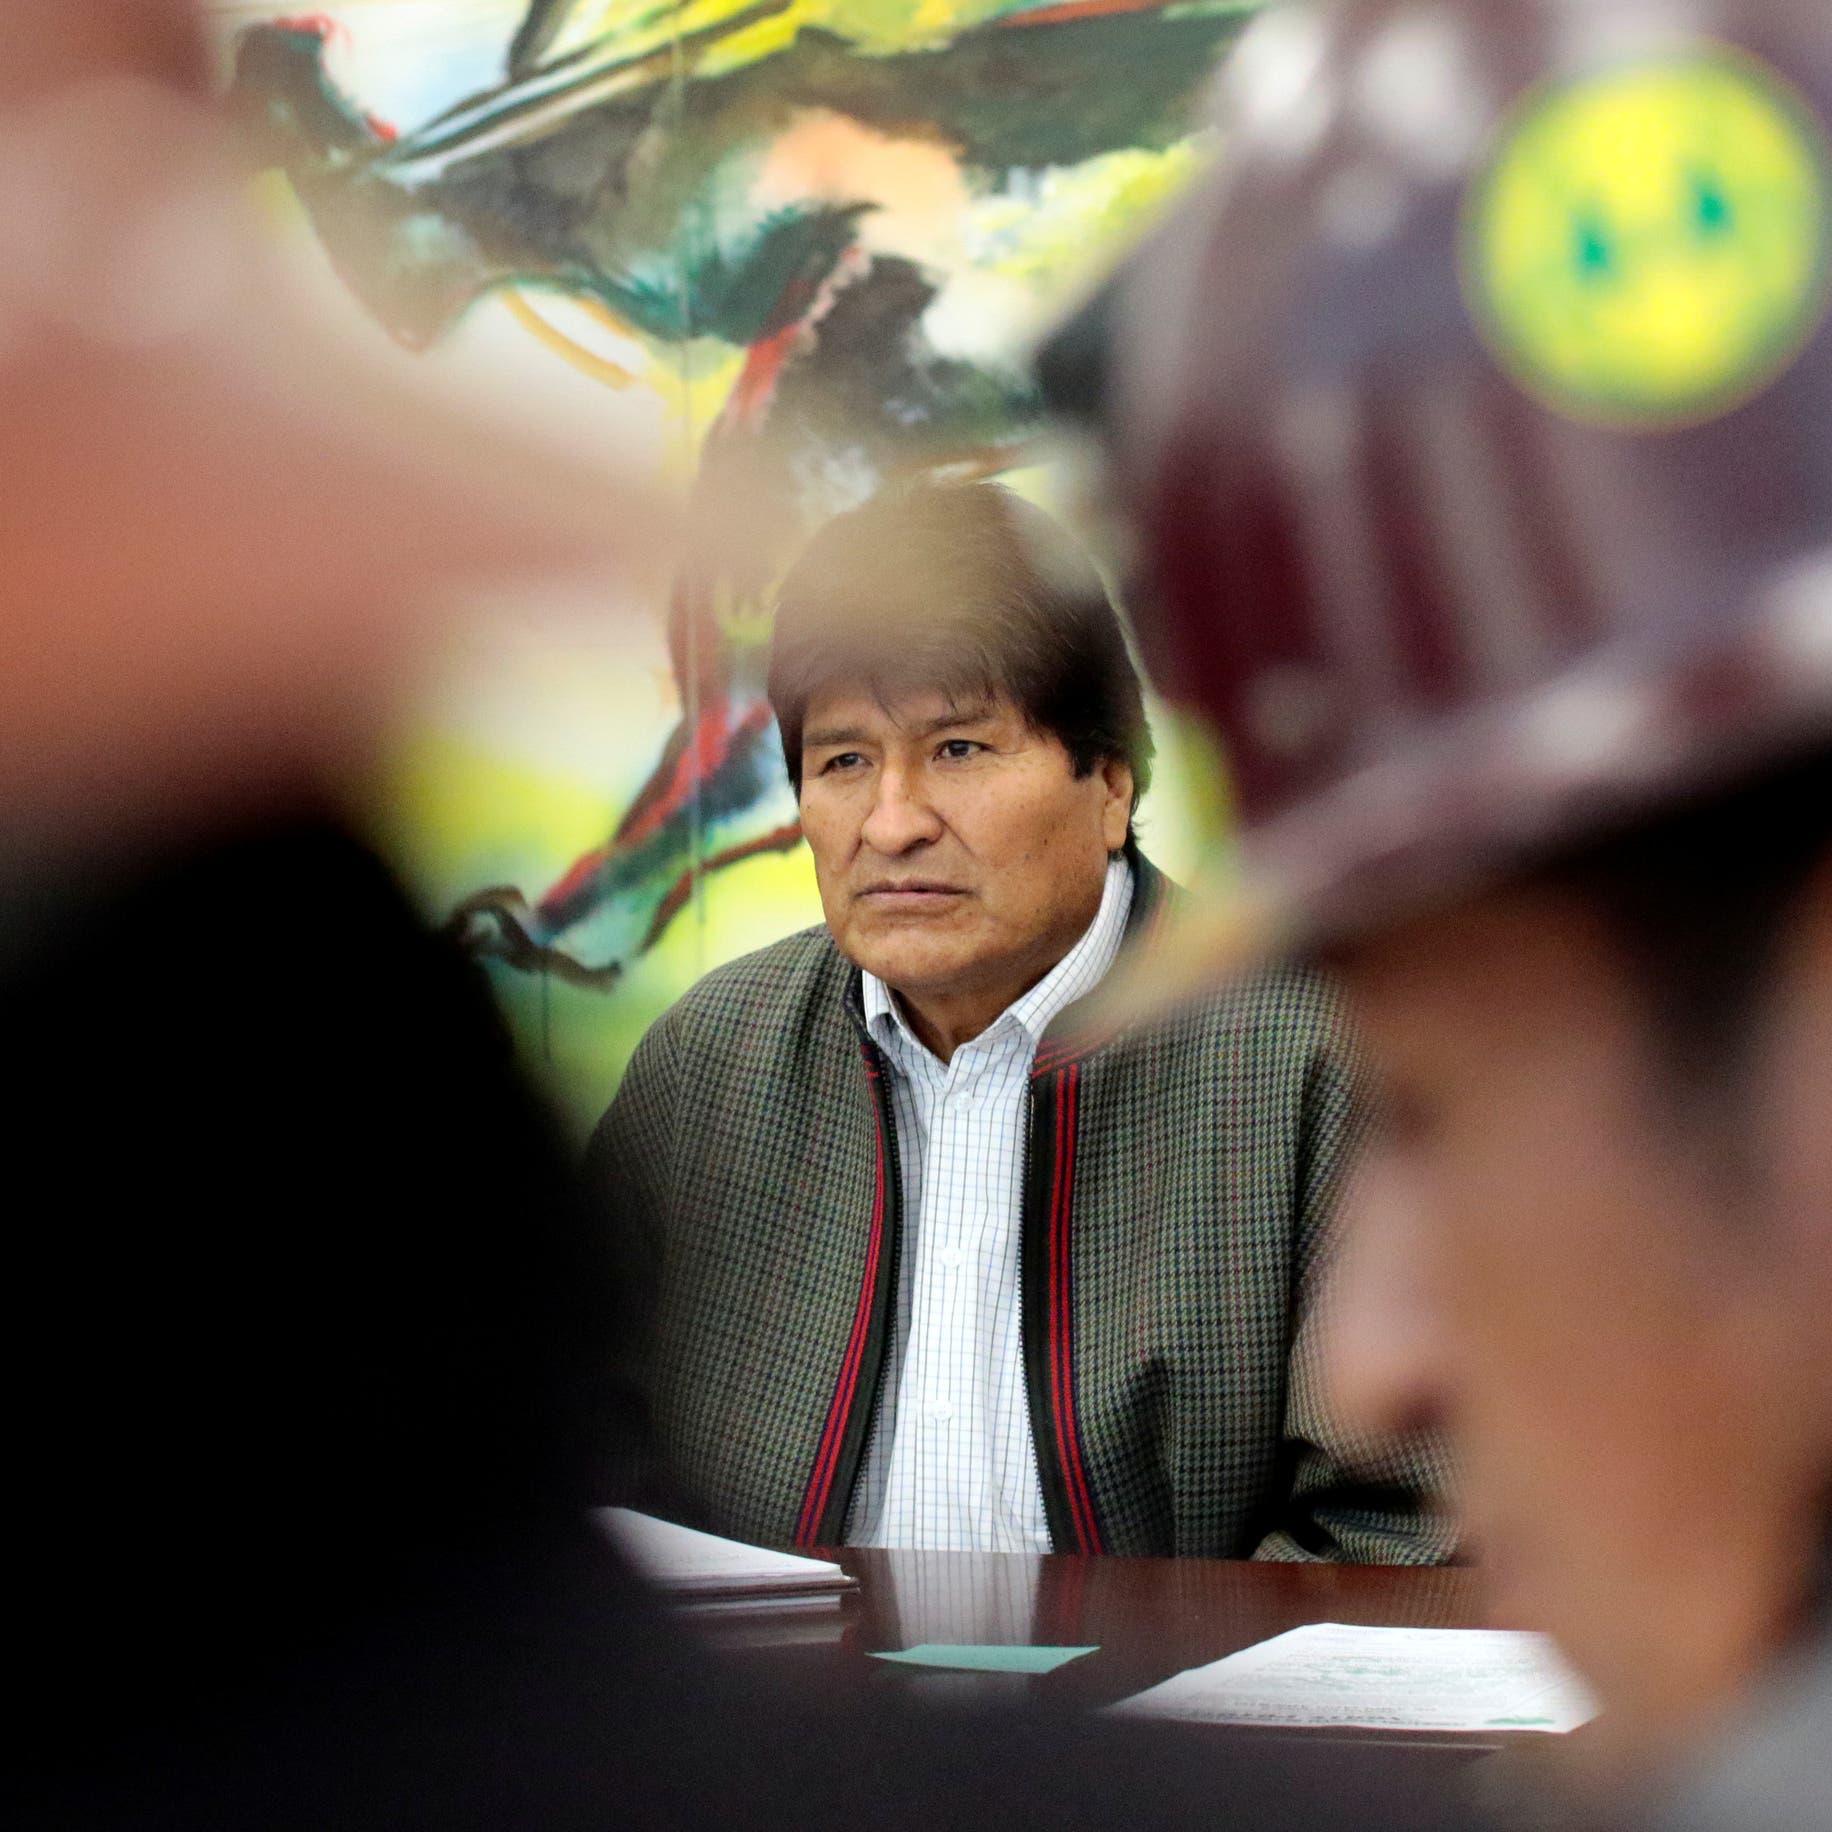 """بوليفيا.. موراليس يندد """"بانقلاب"""" الشرطة والمعارضة تطالبه بالاستقالة"""